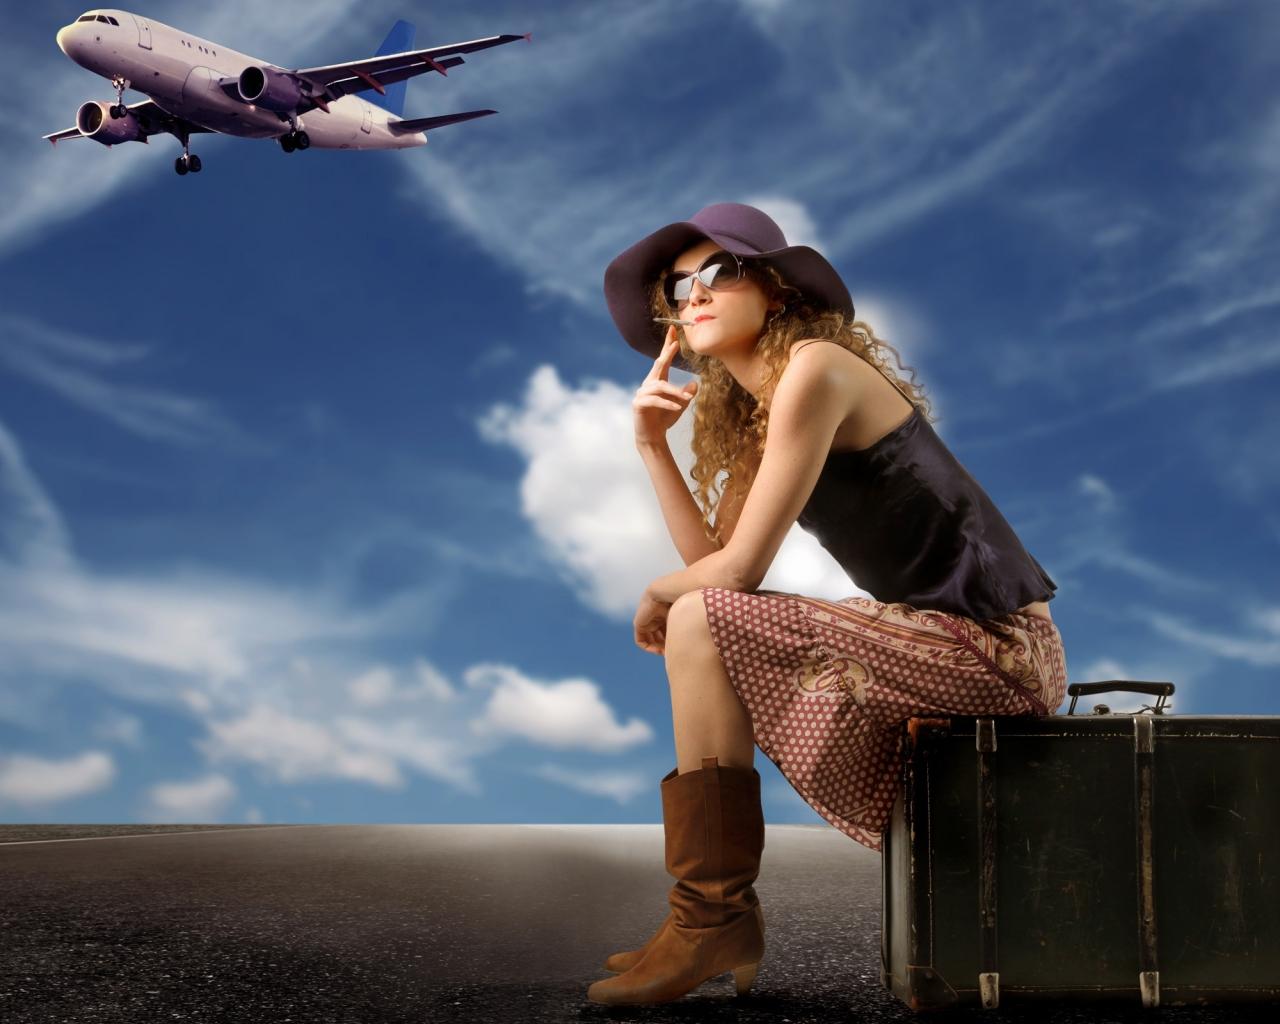 Una chica viajera y sus maletas - 1280x1024